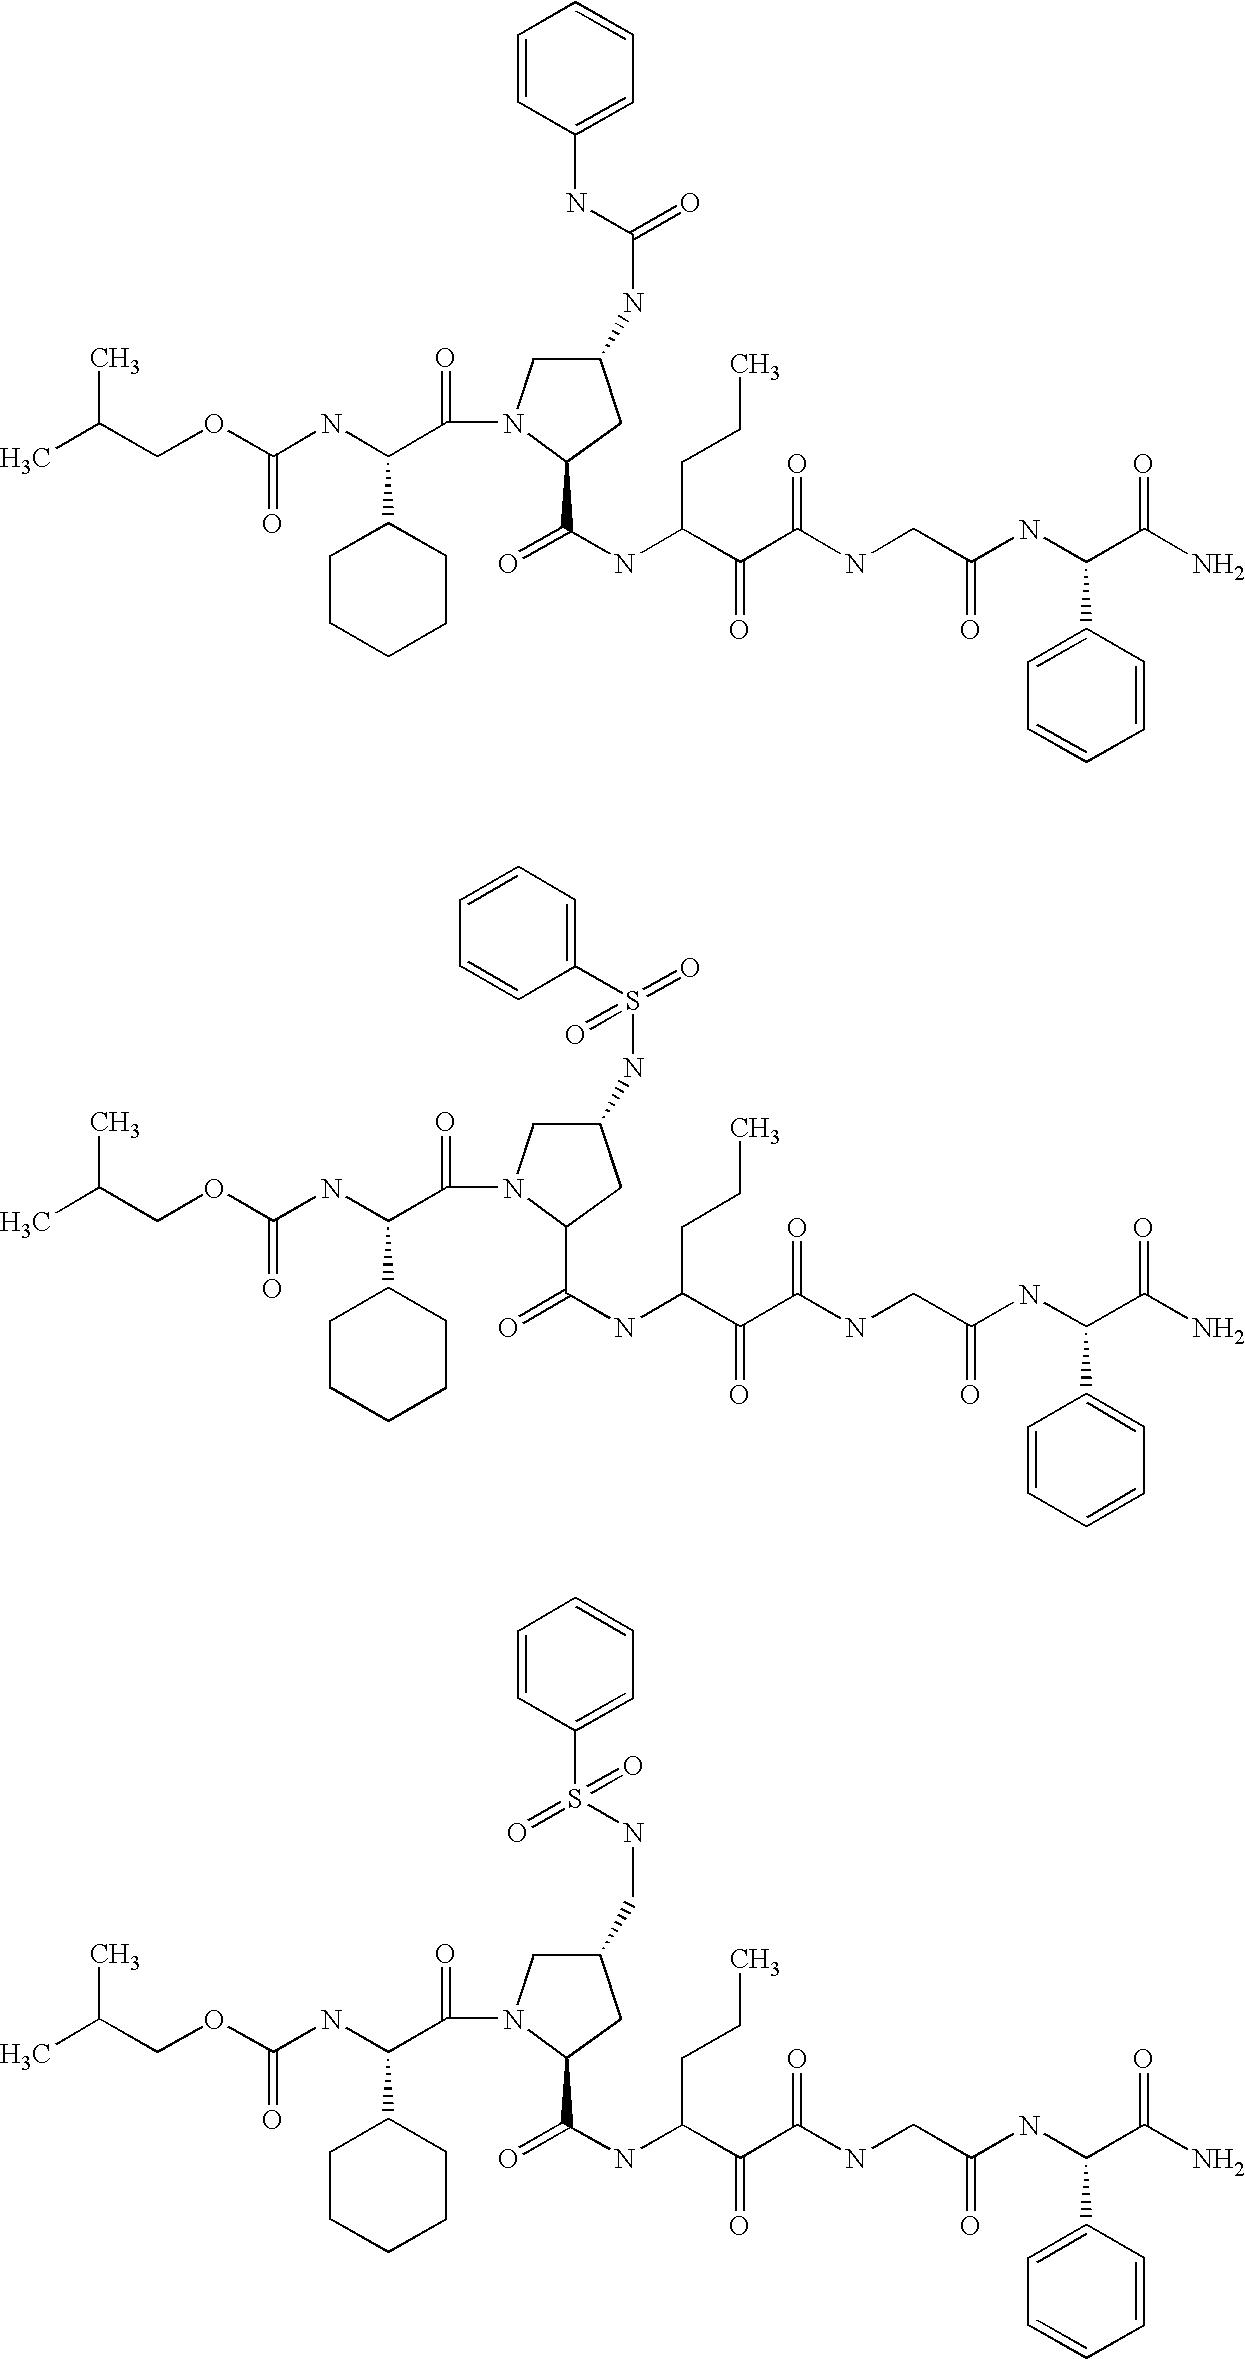 Figure US20060287248A1-20061221-C00126